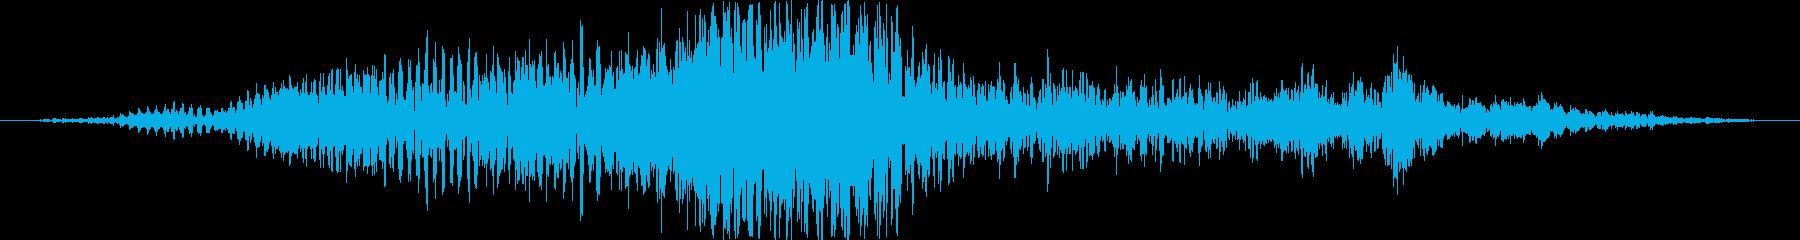 モンスターヴォイスの再生済みの波形